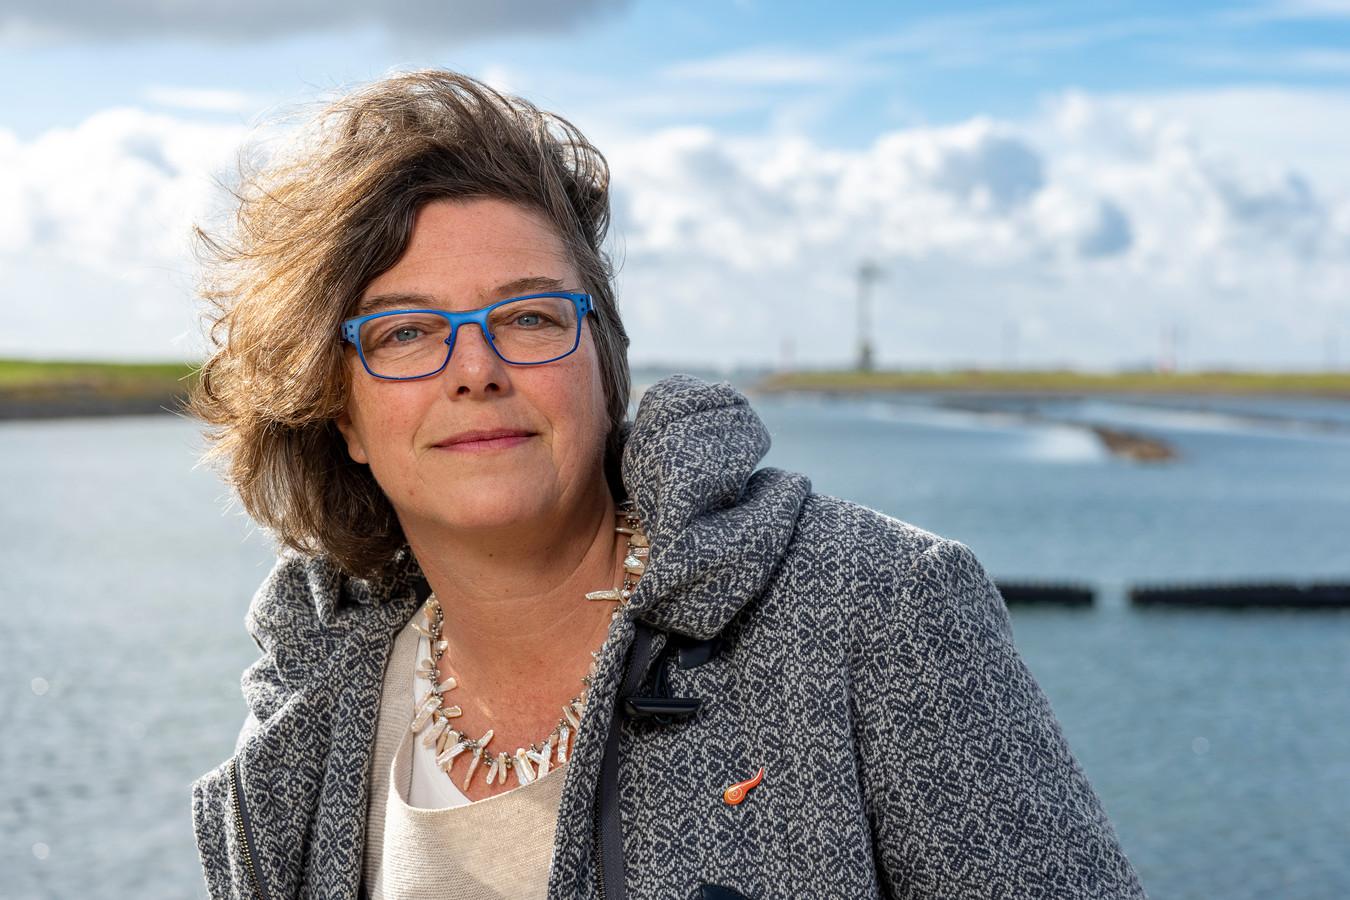 Eva Kuit uit Zijpe is één van de drijvende krachten van de stichting Support Casper. De opbrengst van de eerste Oosterscheldekreeft van dit seizoen gaat naar het alvleesklierkanker-onderzoek van de Rotterdamse oncoloog Casper van Eijck.